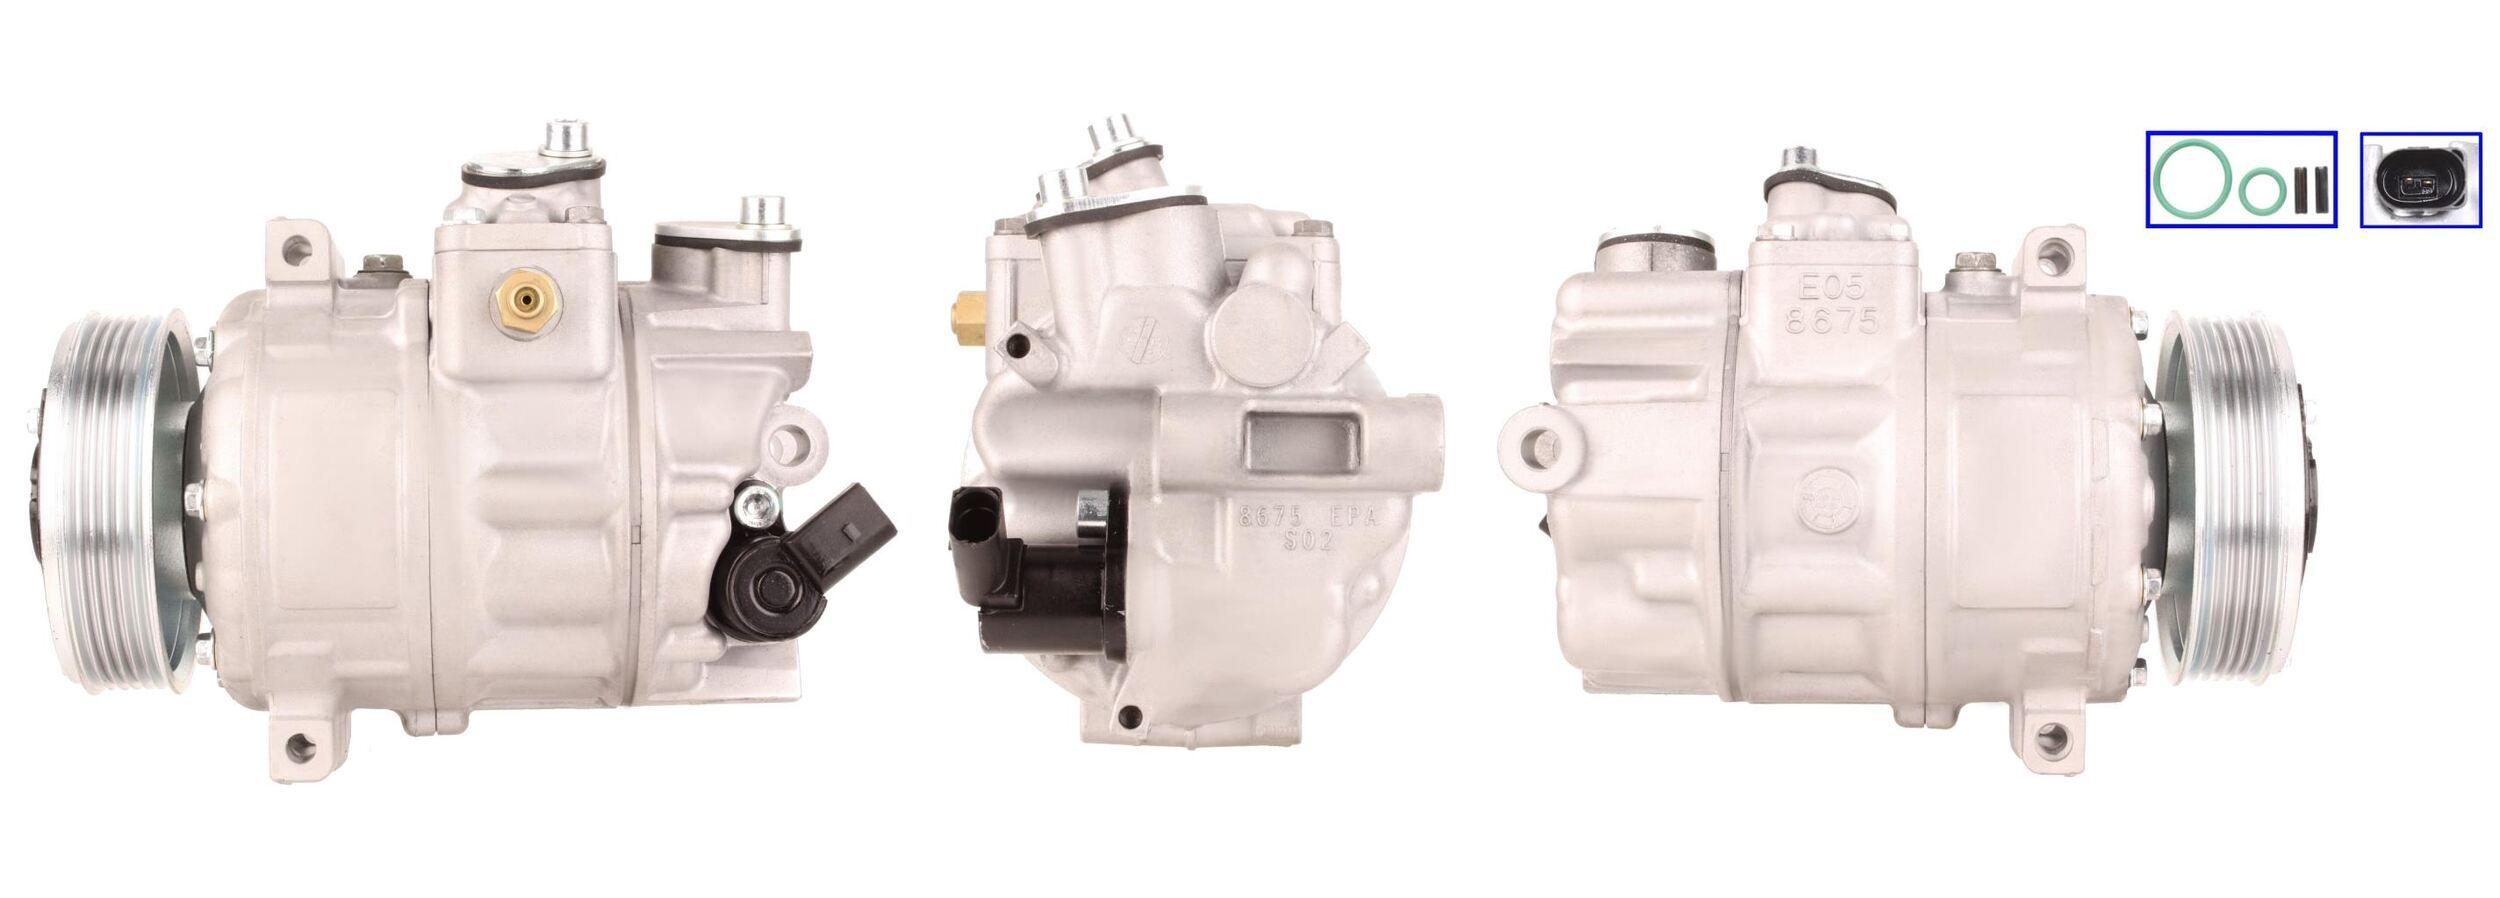 Original AUDI Kompressor 51-0123